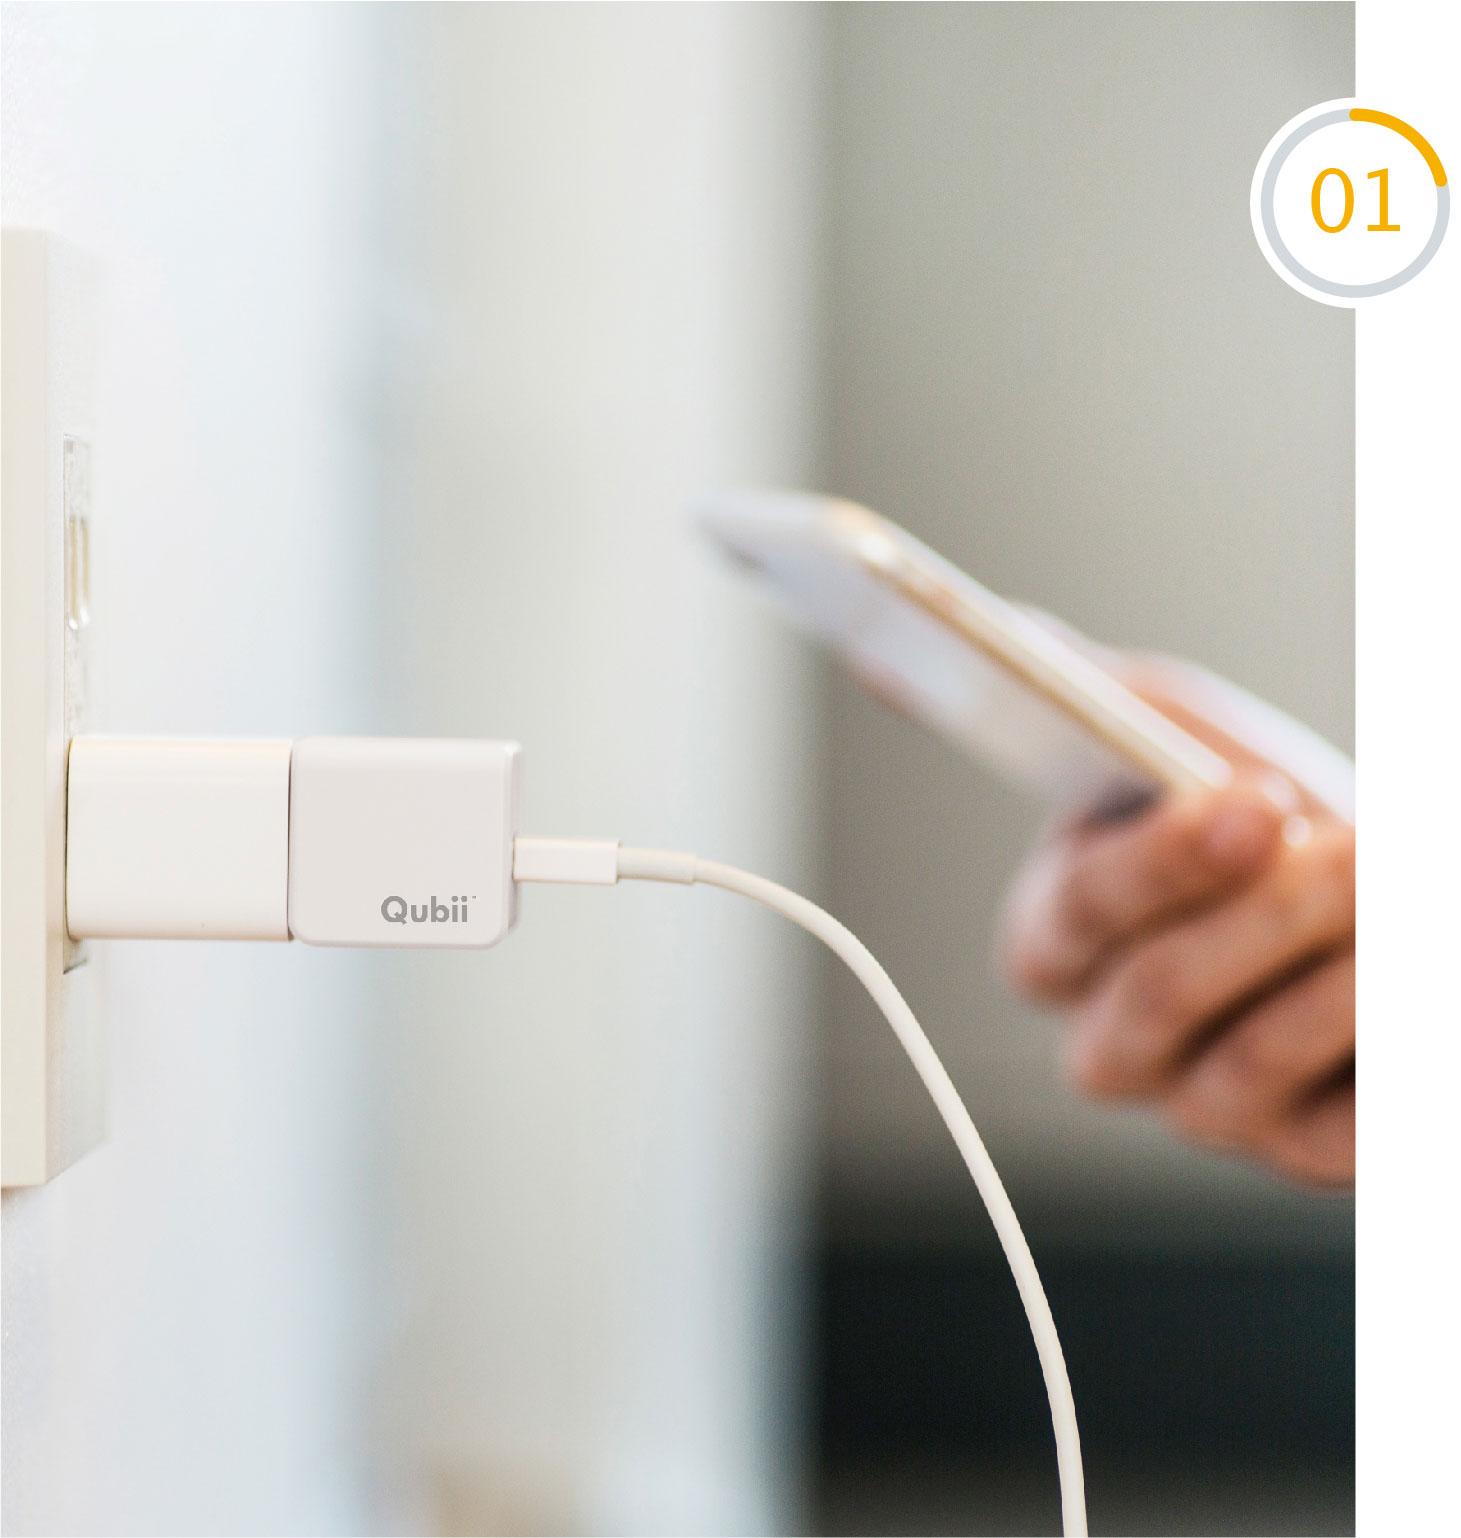 充電しながらバックアップ - 毎晩の充電時に自動的にバックアップするからバックアップ忘れを防げますバックアップ忘れを防ぎますiPhoneのデータをクラウドにバックアップしているはずが、実はバックアップを忘れてしまっていたり、できなかったりしたことはありませんか?あるいは「クラウド」って何?難しいことはよくわからないという方も必見です。Qubiiは簡単ステップでバックアップし忘れを防ぎます。現在お使いの充電器とLightningケーブルの間にQubiiを接続すれば、あとはいつも通り充電するだけ。寝る前に毎日充電する人なら、毎晩必ず自動でバックアップが取れるようになります。サイズも電源アダプターにぴったりでスペースもとりません。もうこれでバックアップを忘れて焦ることはありません!※バックアップできるのは、写真・動画と連絡先のみです